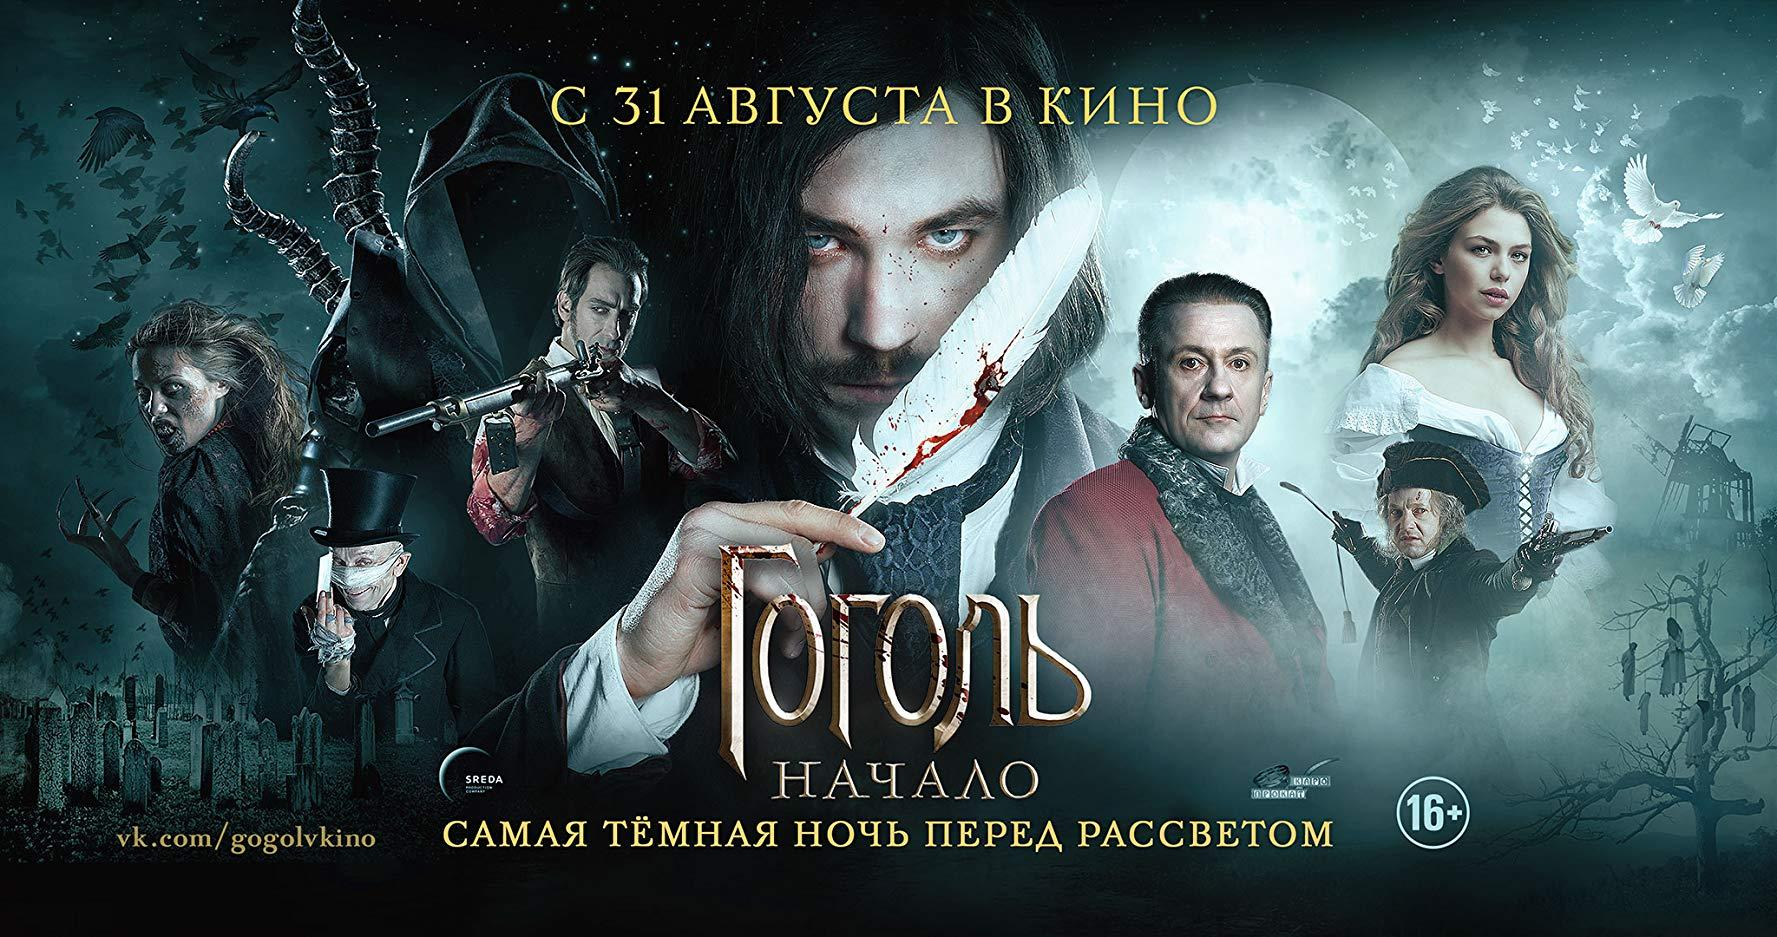 مشاهدة فيلم Gogol. Nachalo 2017 HD مترجم كامل اون لاين